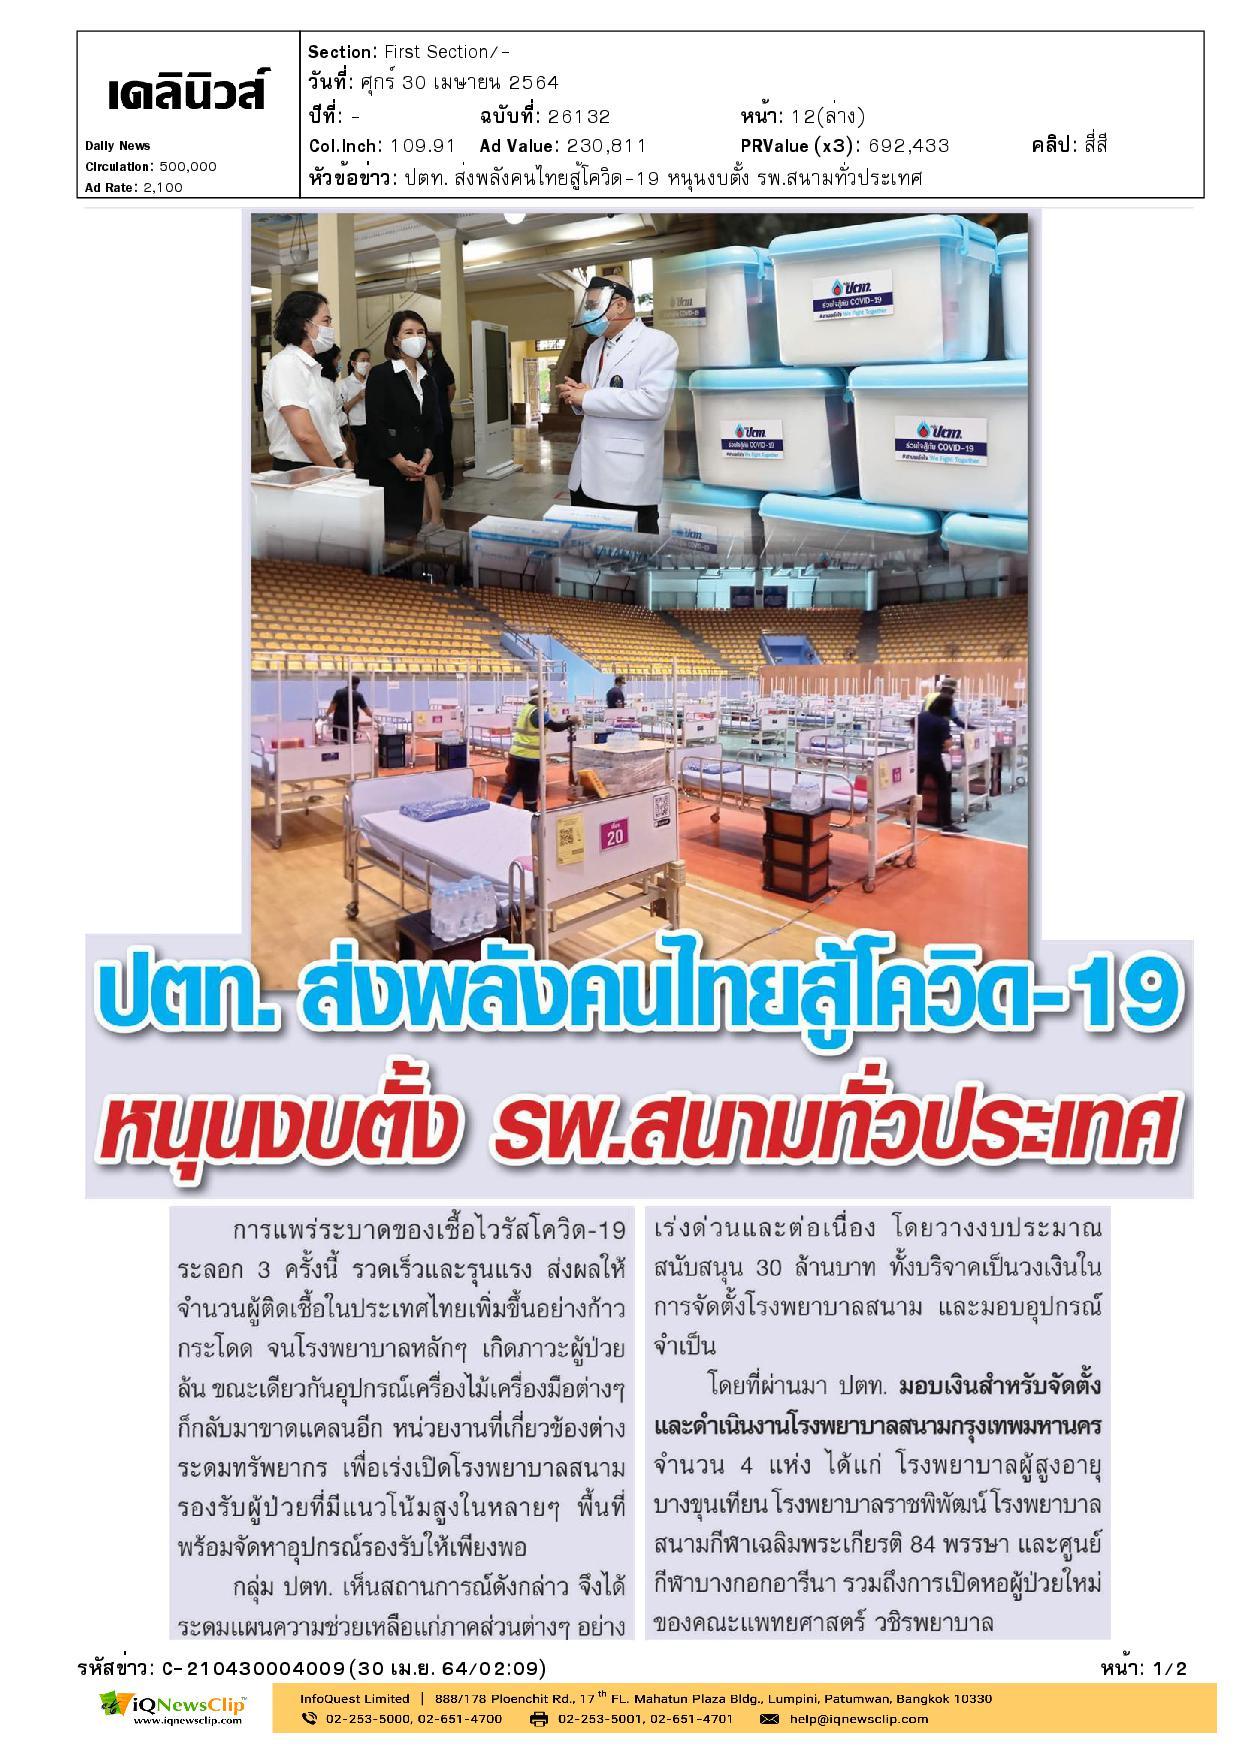 บทความเรื่อง ปตท. ส่งพลังคนไทยสู้วิด-19 หนุนงบตั้ง รพ.สนาม ทั่วประเทศ